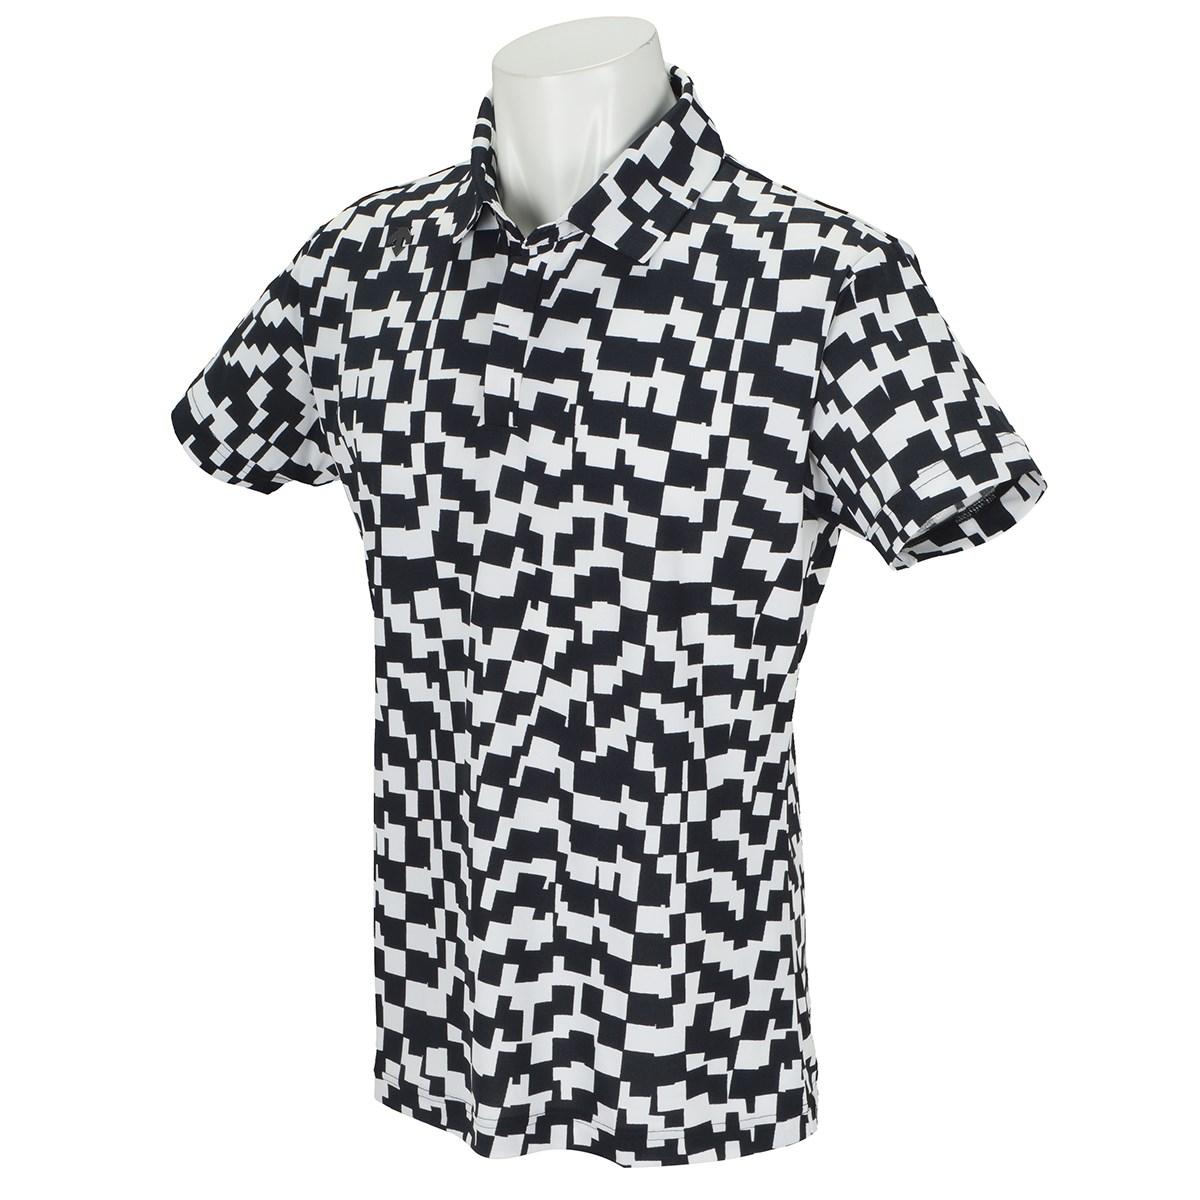 デサントゴルフ(DESCENTE GOLF) ポリエステル裏鹿の子市松プリント 半袖ポロシャツ